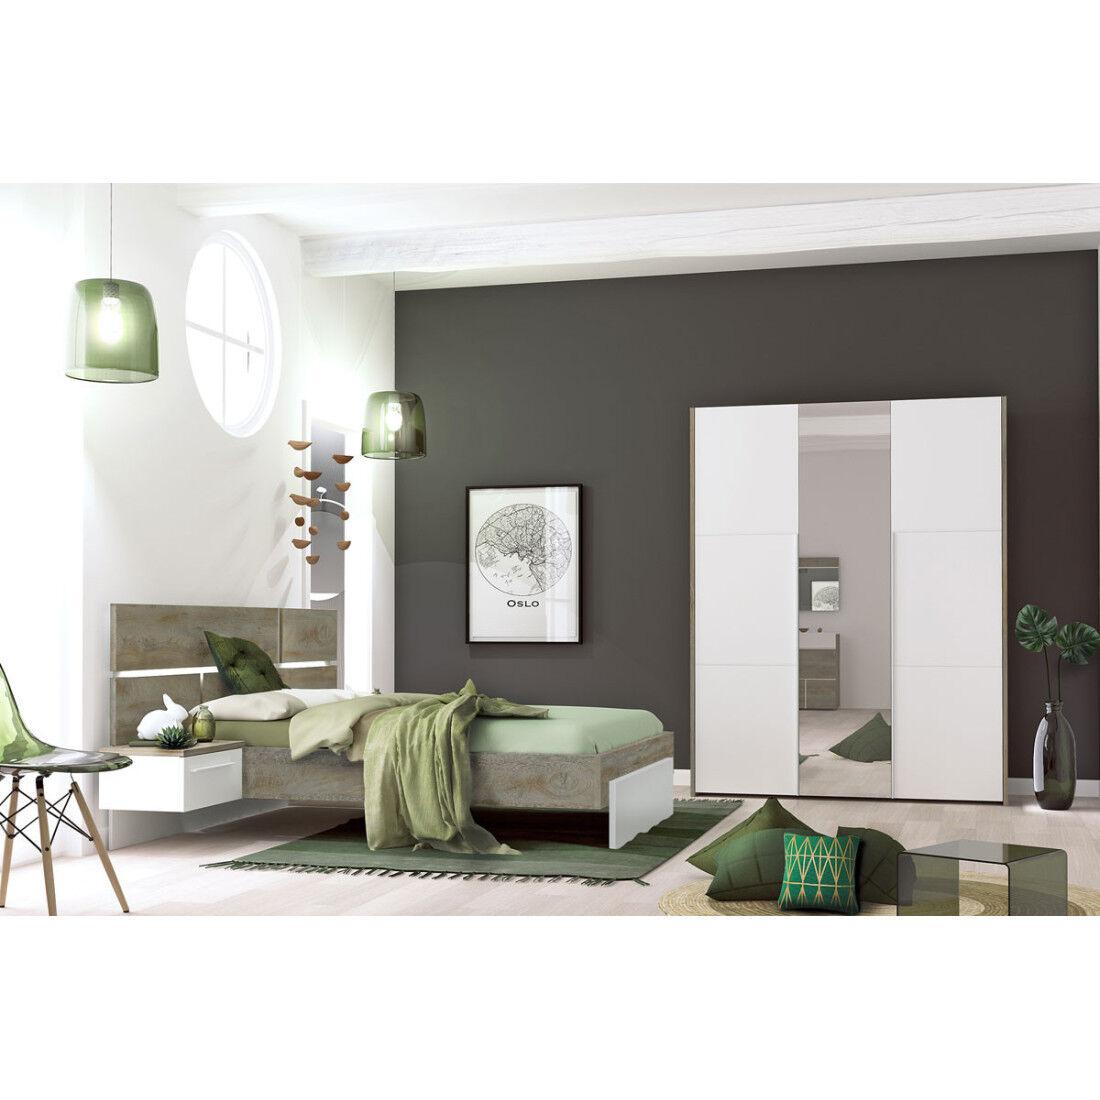 Tousmesmeubles Chambre Adulte Complète (140*190) - FLORINE n°3 - L 244 x l 198 x H 40/102